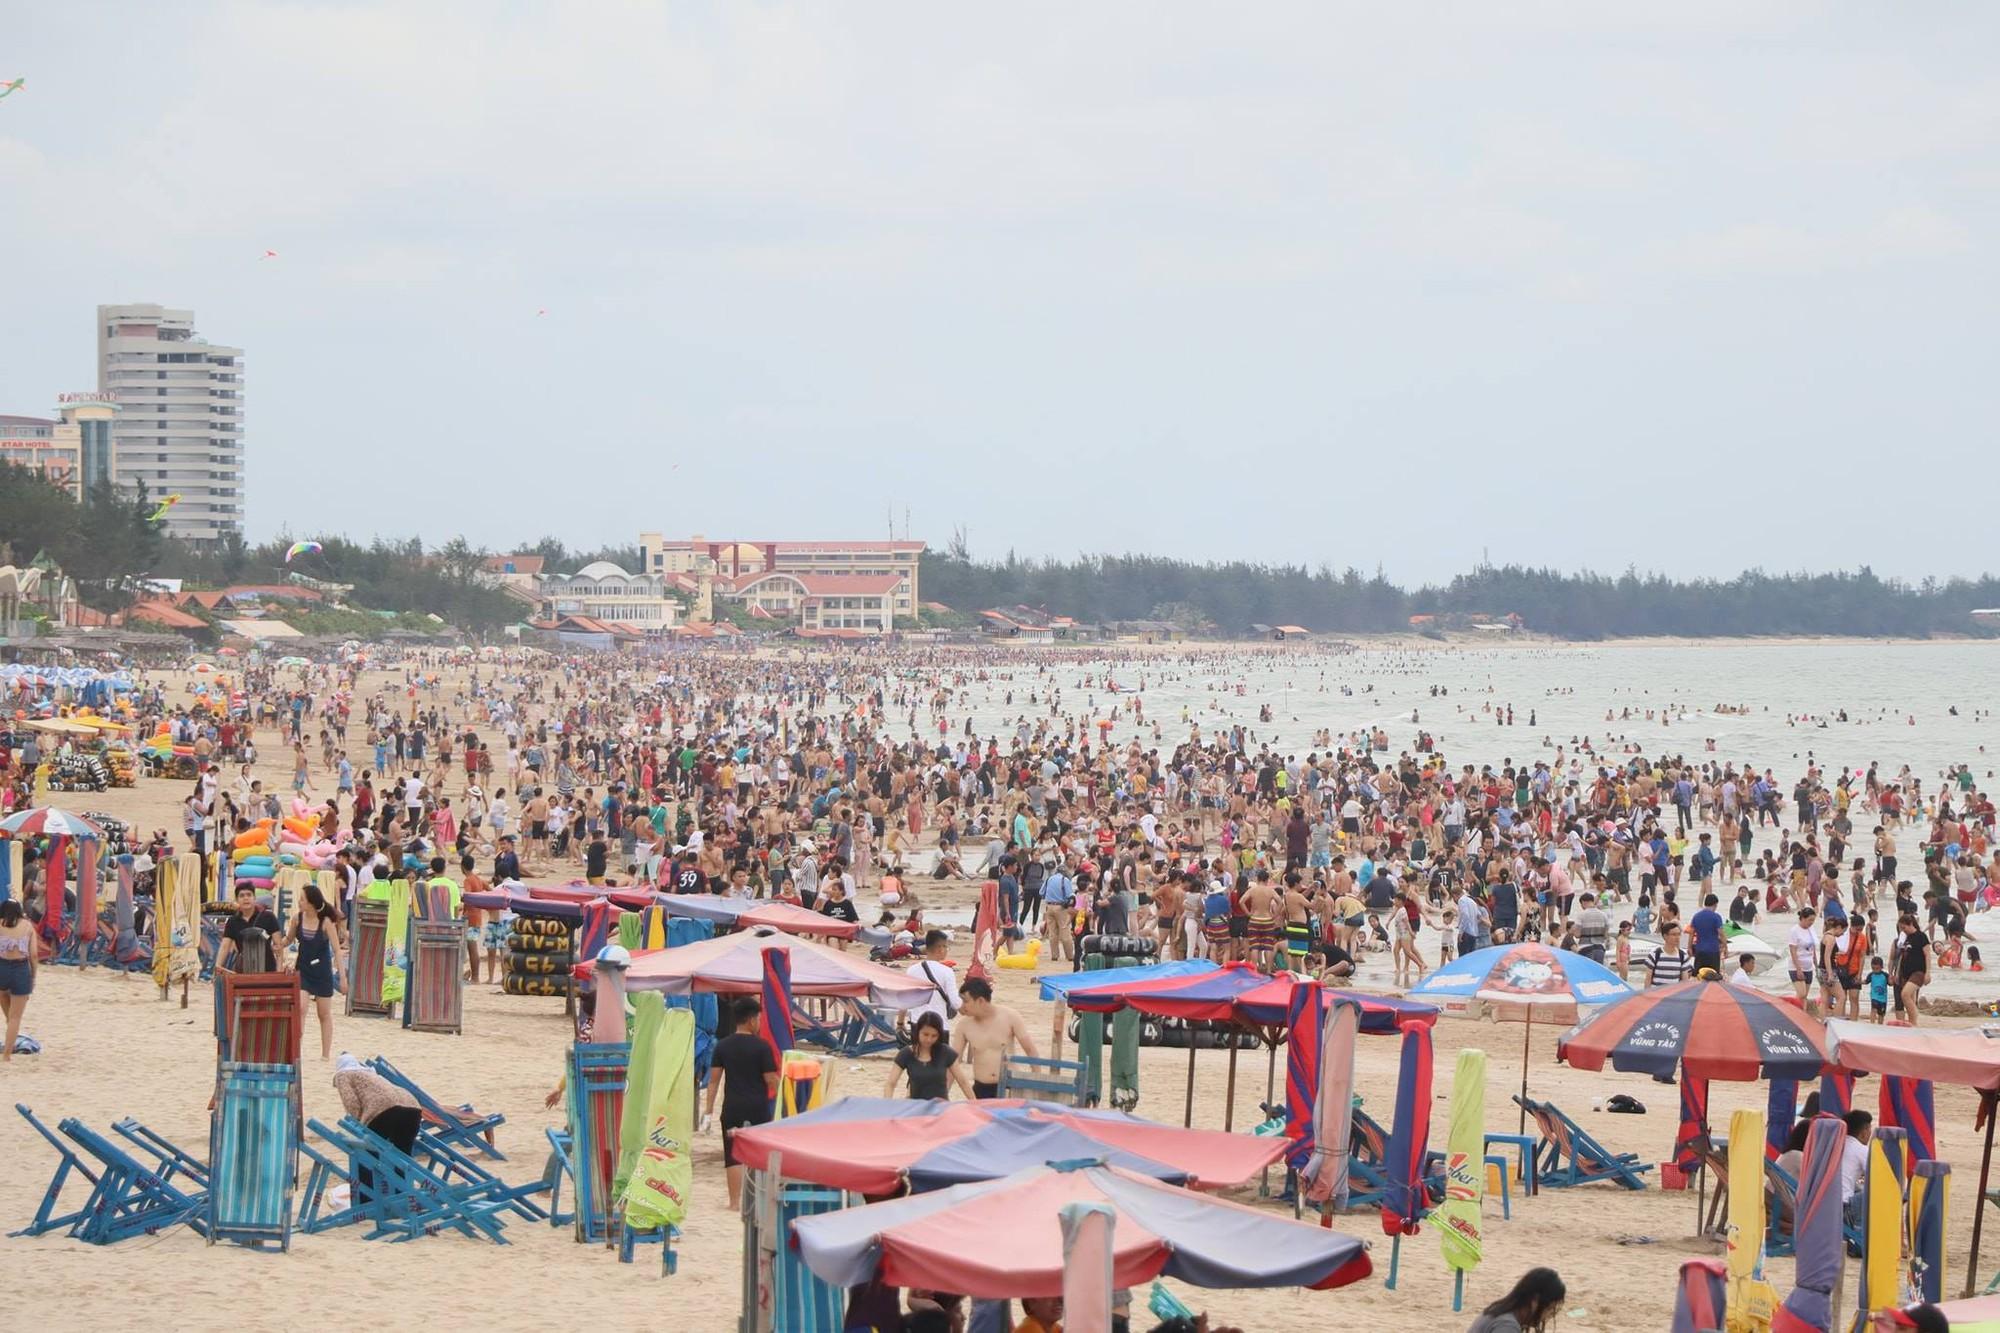 Bãi tắm ở Vũng Tàu xuất hiện nhiều sứa lửa, mùa này đi biển có gặp thì nhớ bỏ túi loạt bí kíp này nhé!-1